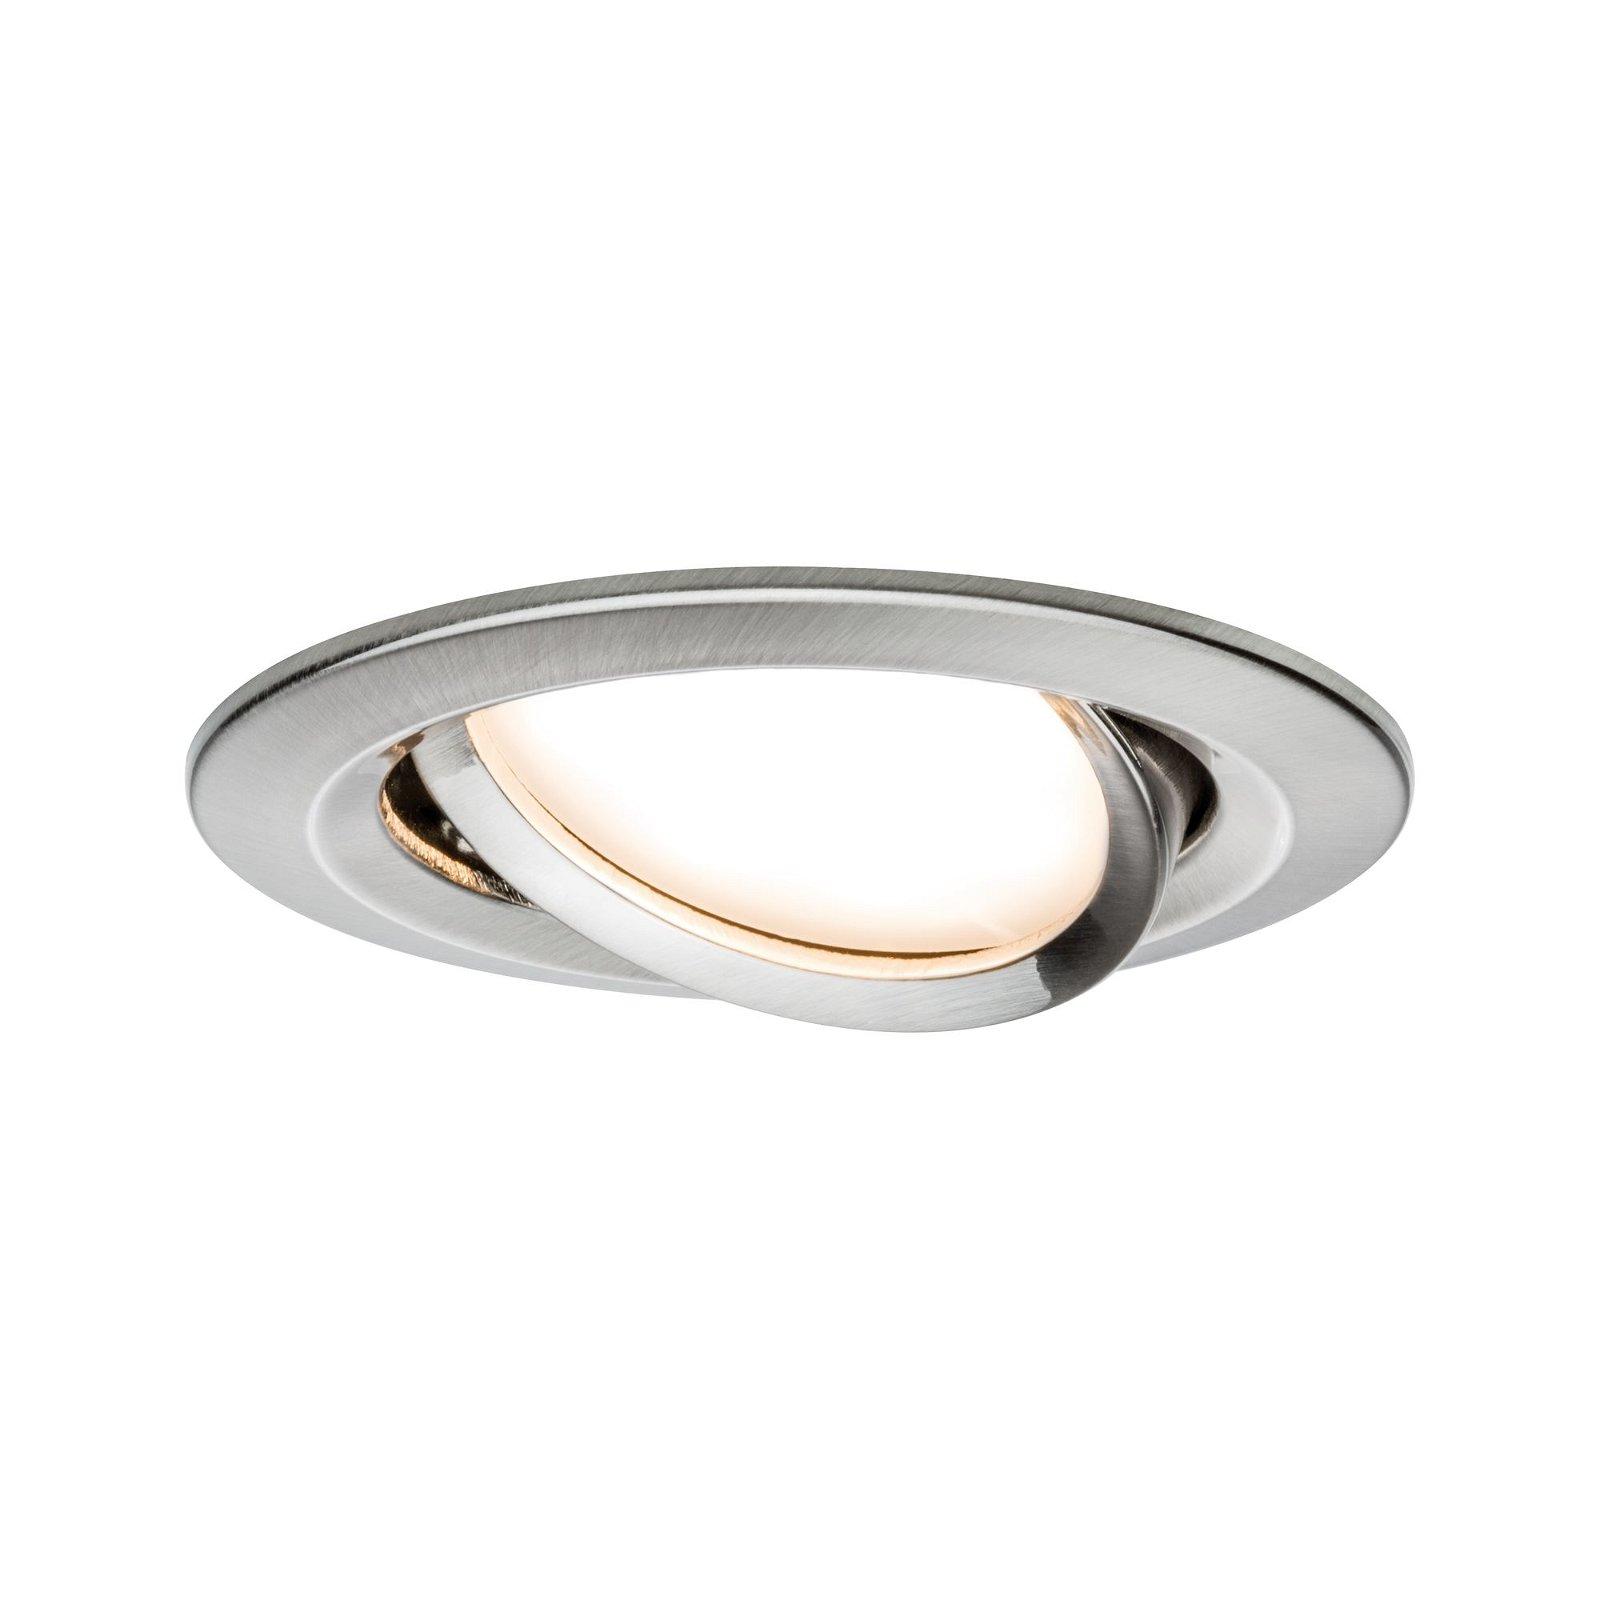 LED Einbauleuchte Nova Plus Coin schwenkbar rund 84mm 50° Coin 6,8W 425lm 230V 2700K Eisen gebürstet